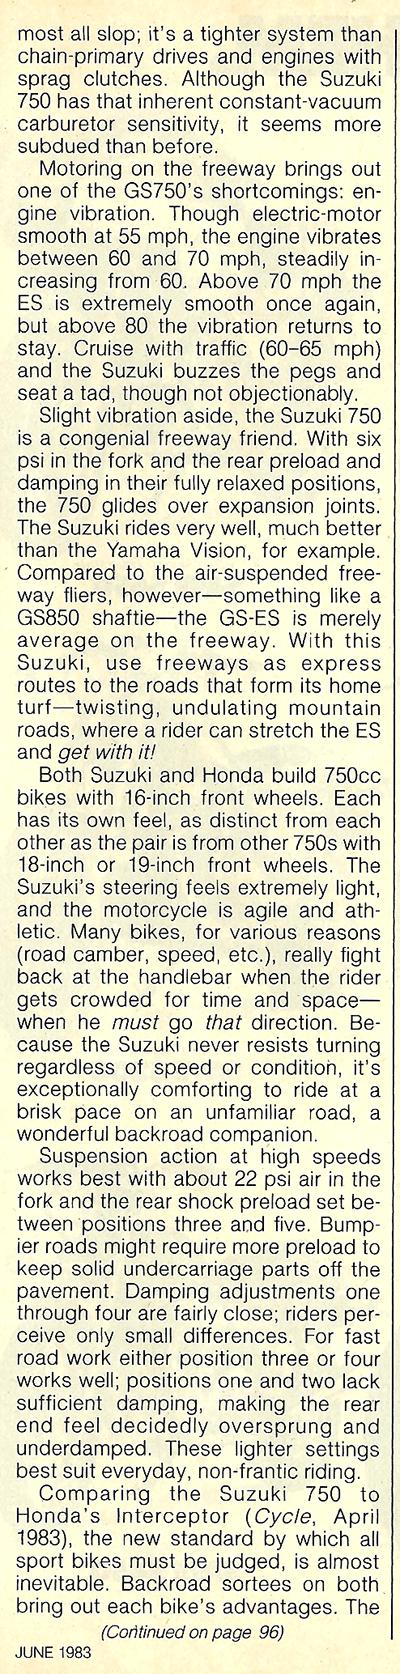 1983 Suzuki GS750ES road test 8.jpg